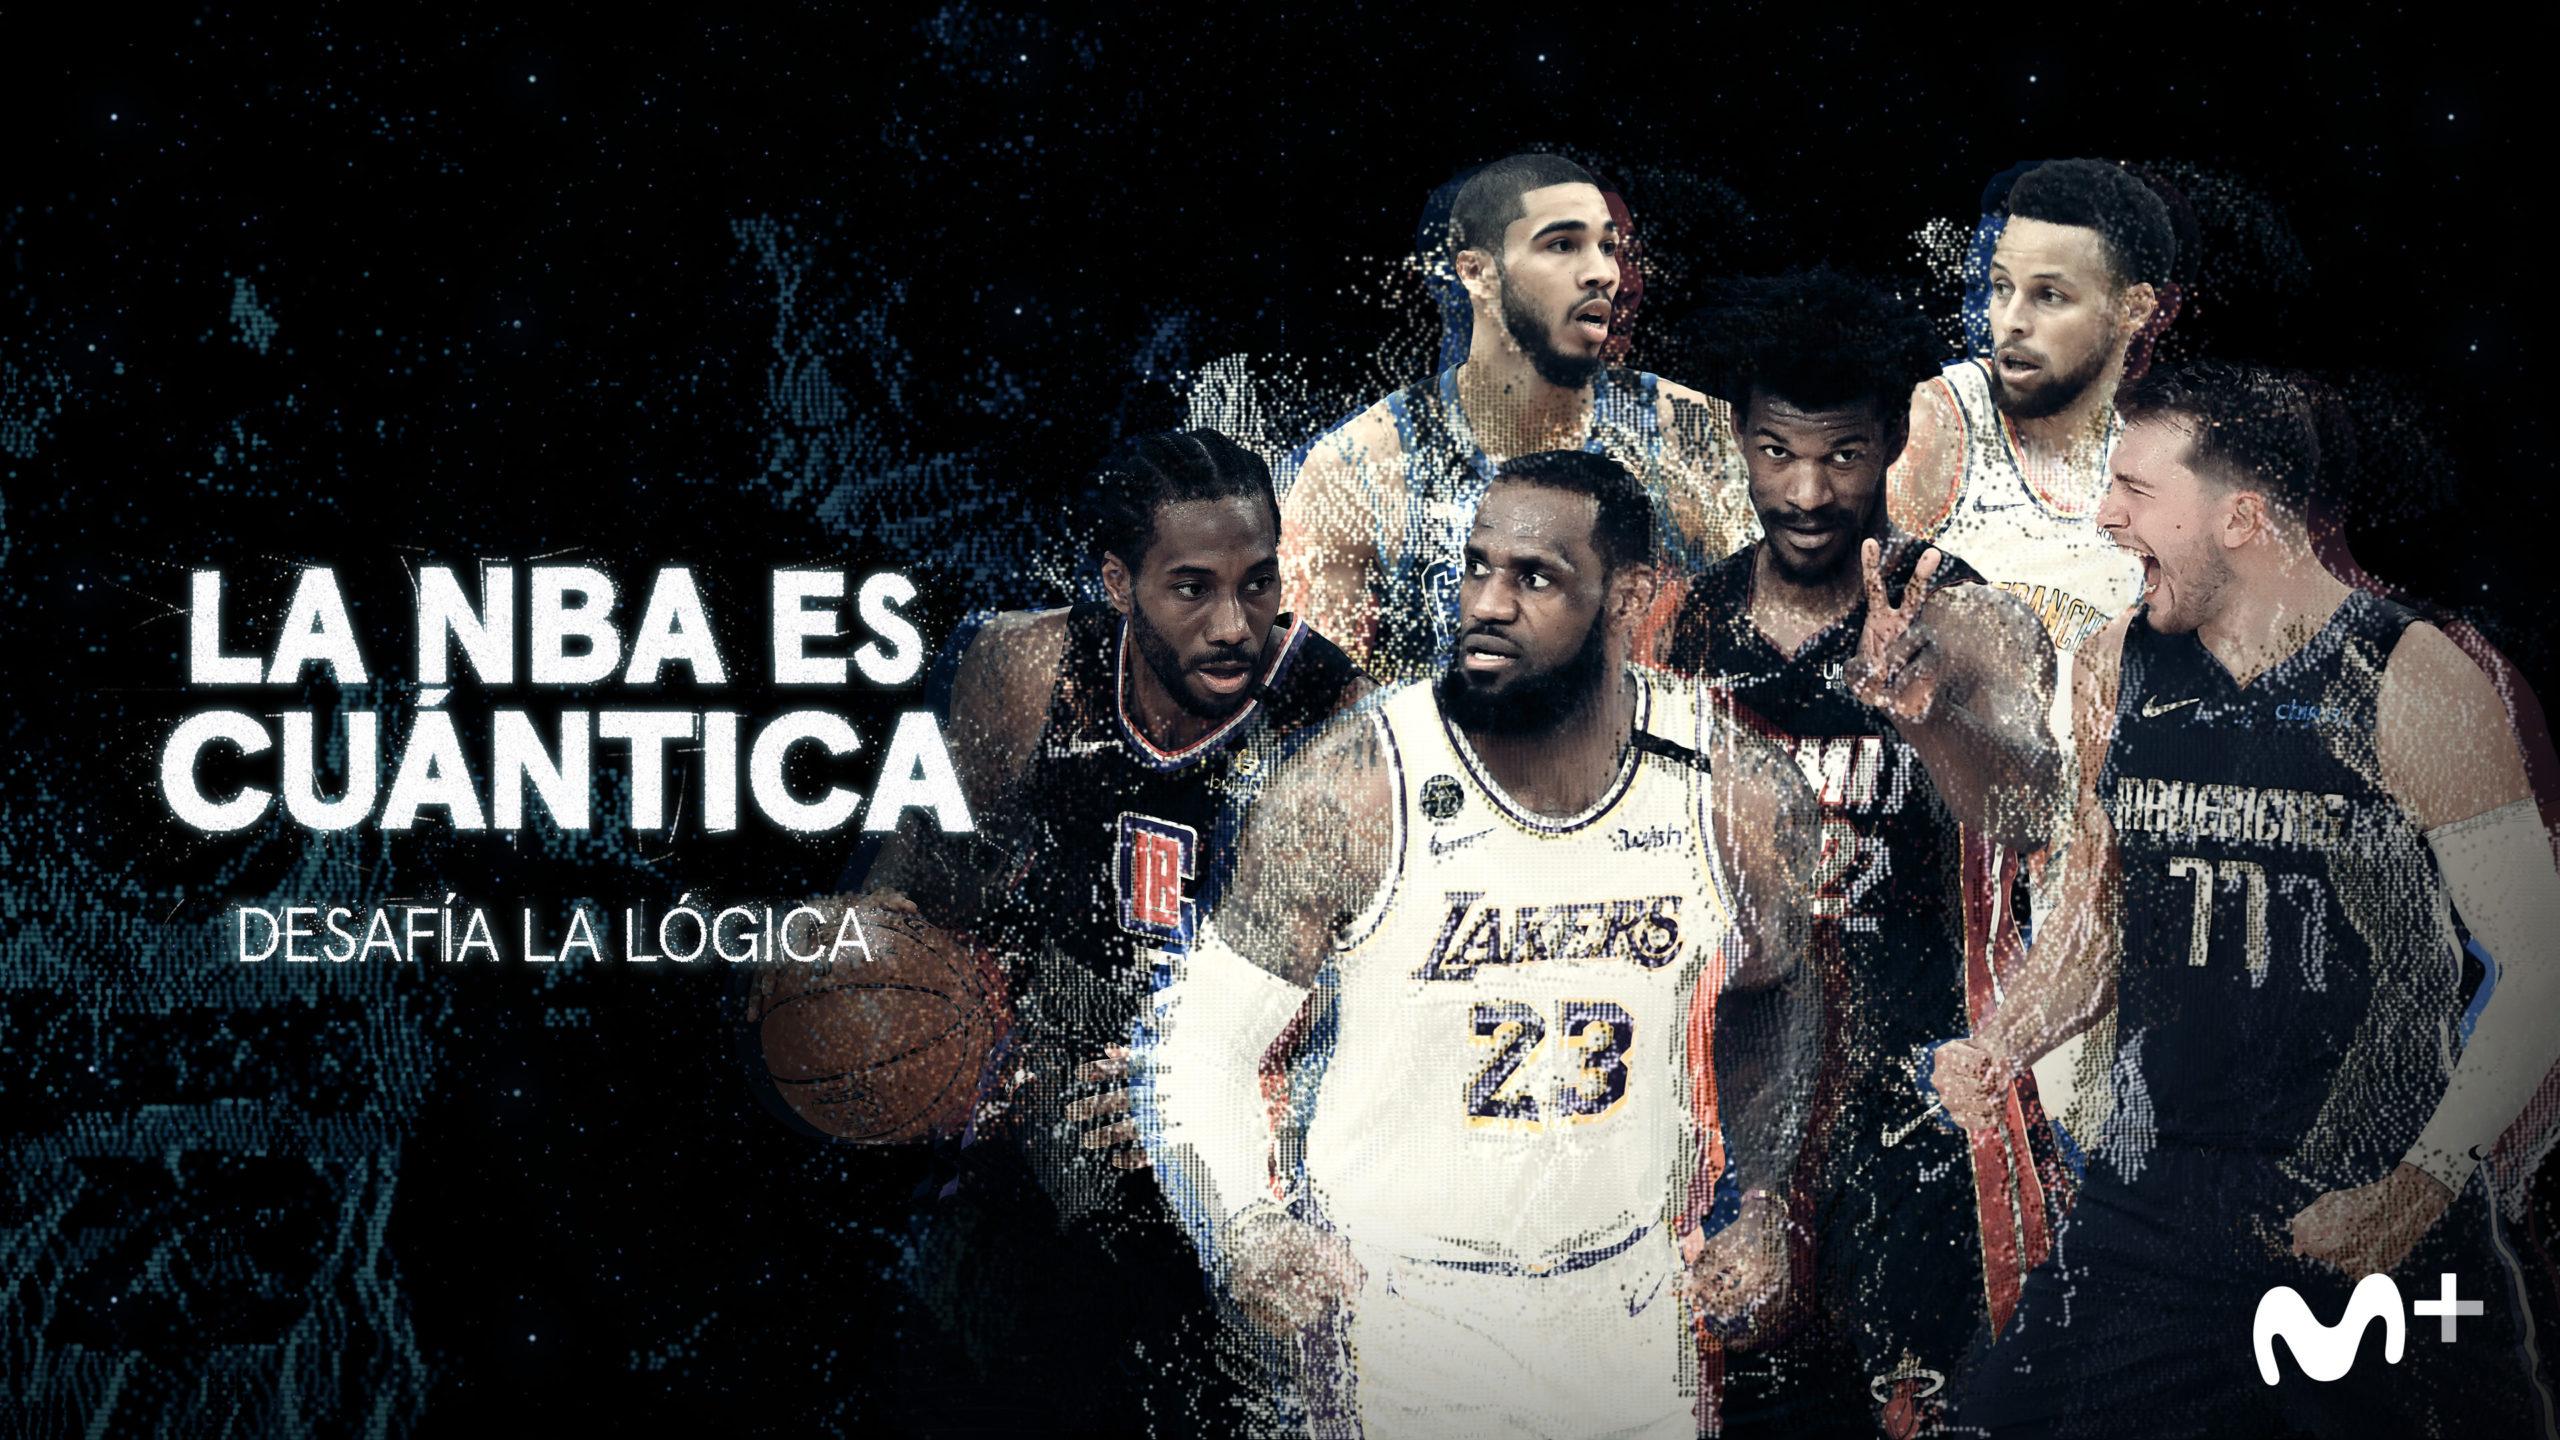 La NBA es cuántica